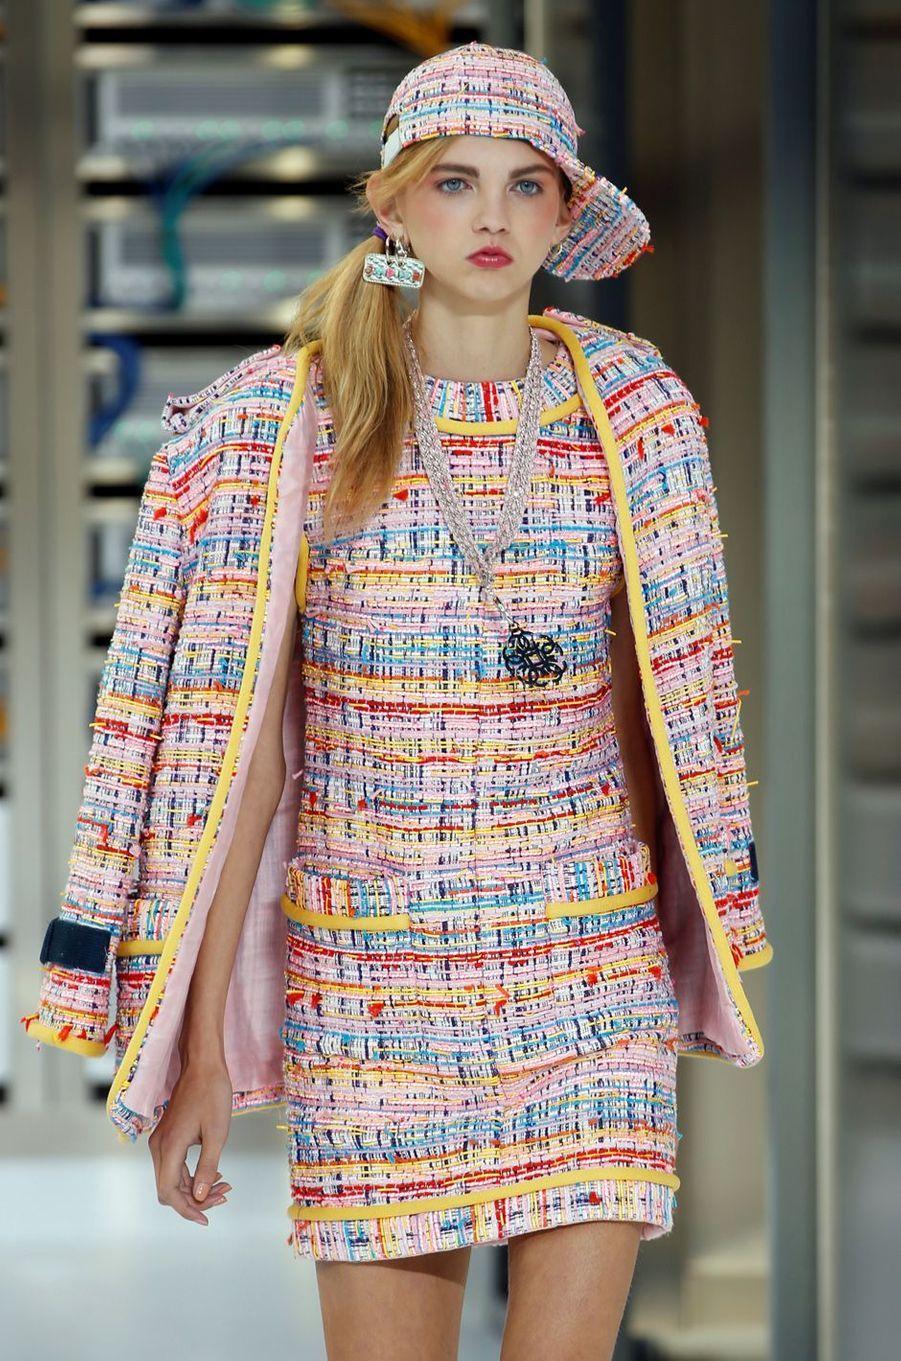 Fashion week de Paris : Chanel, entre high-tech et lingerie chic